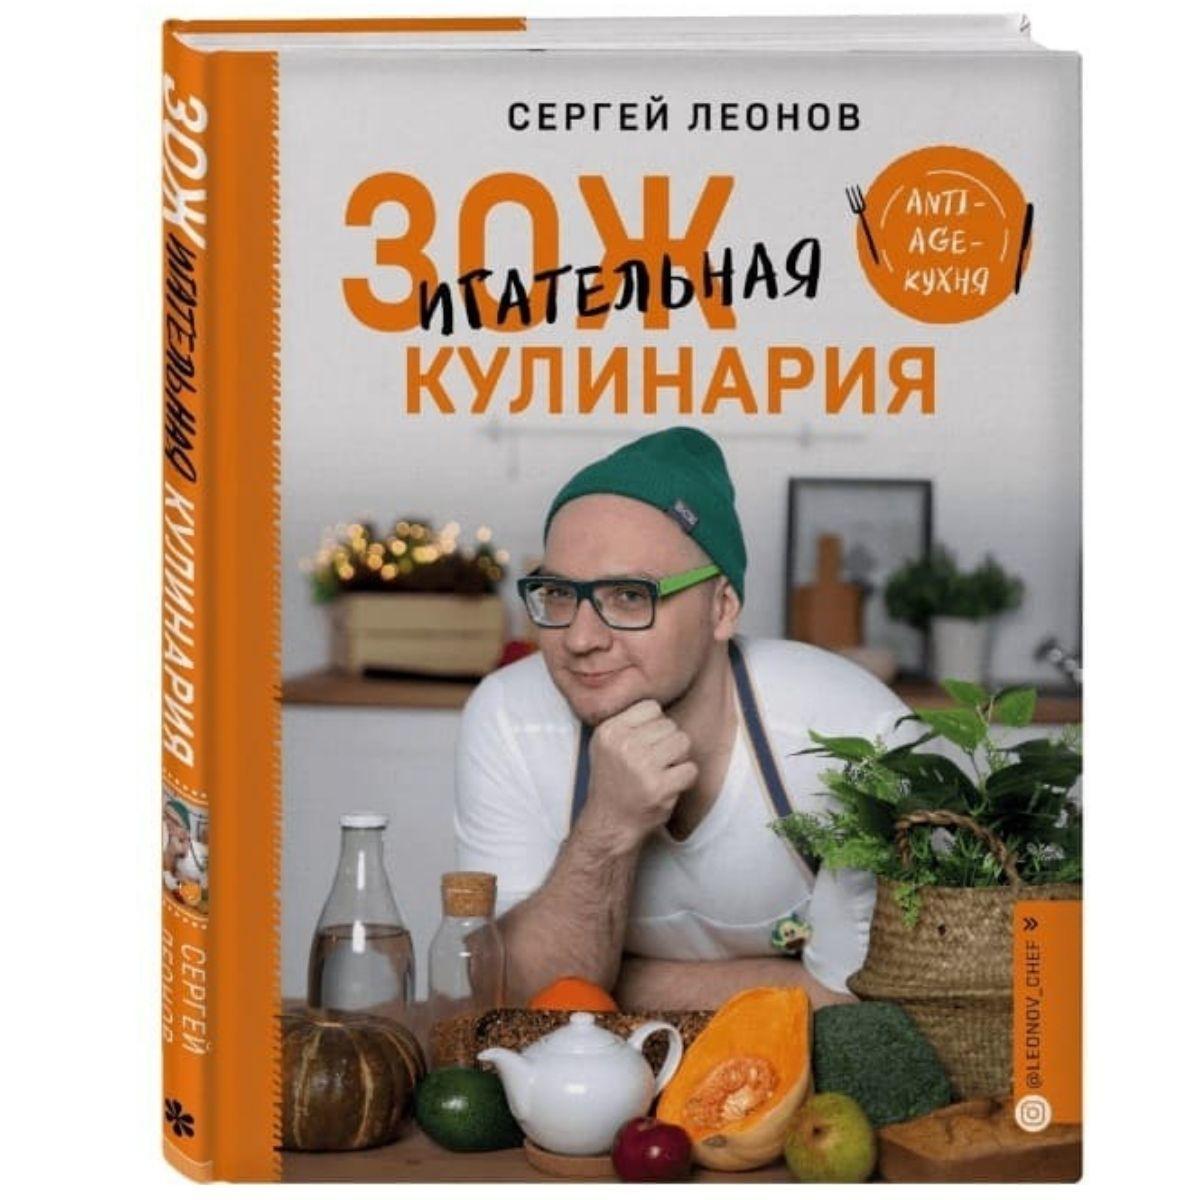 «ЗОЖигательная кулинария. Anti-age-кухня» Леонов С.Ю.